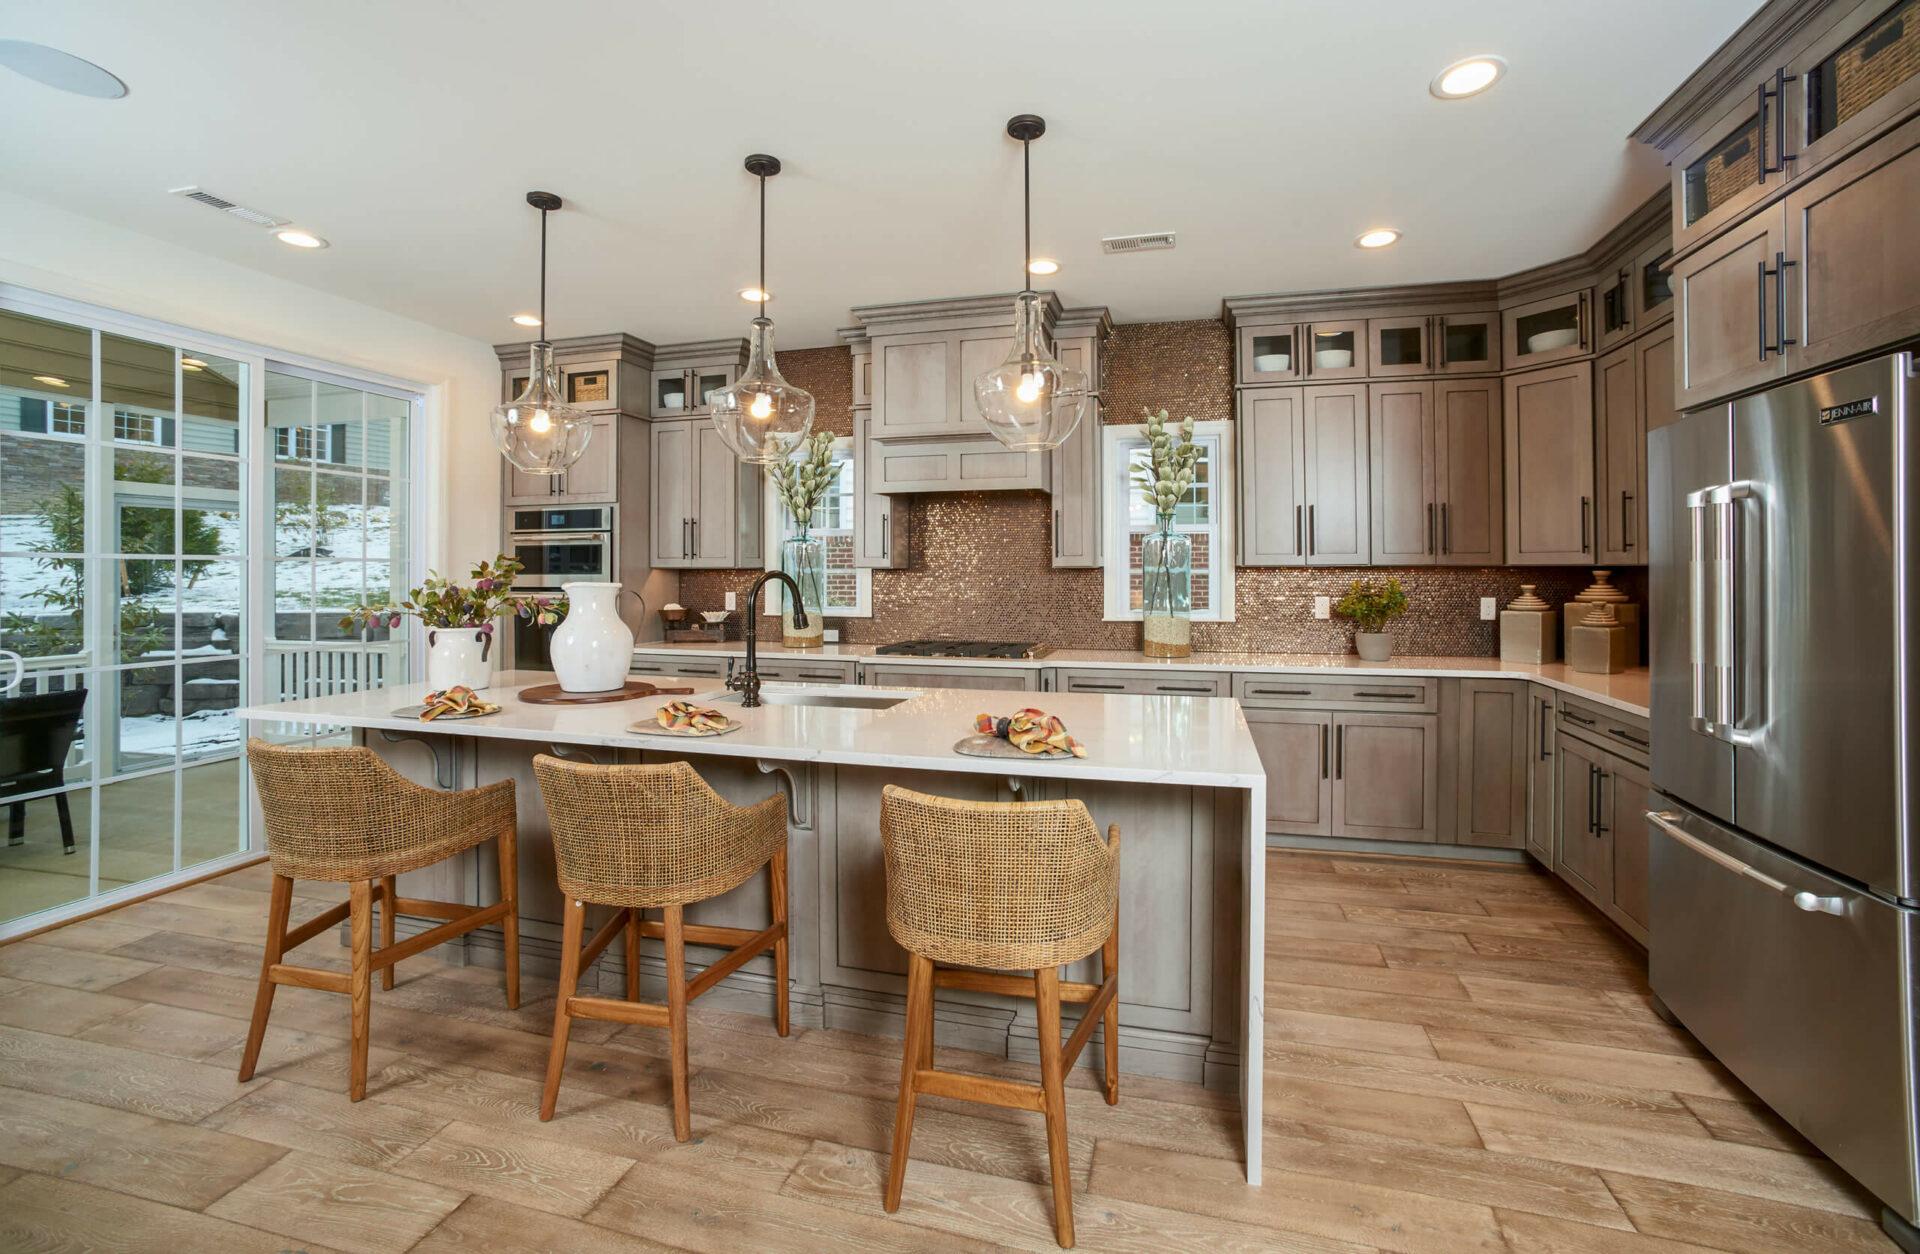 Franklin modern kitchen in designer model home